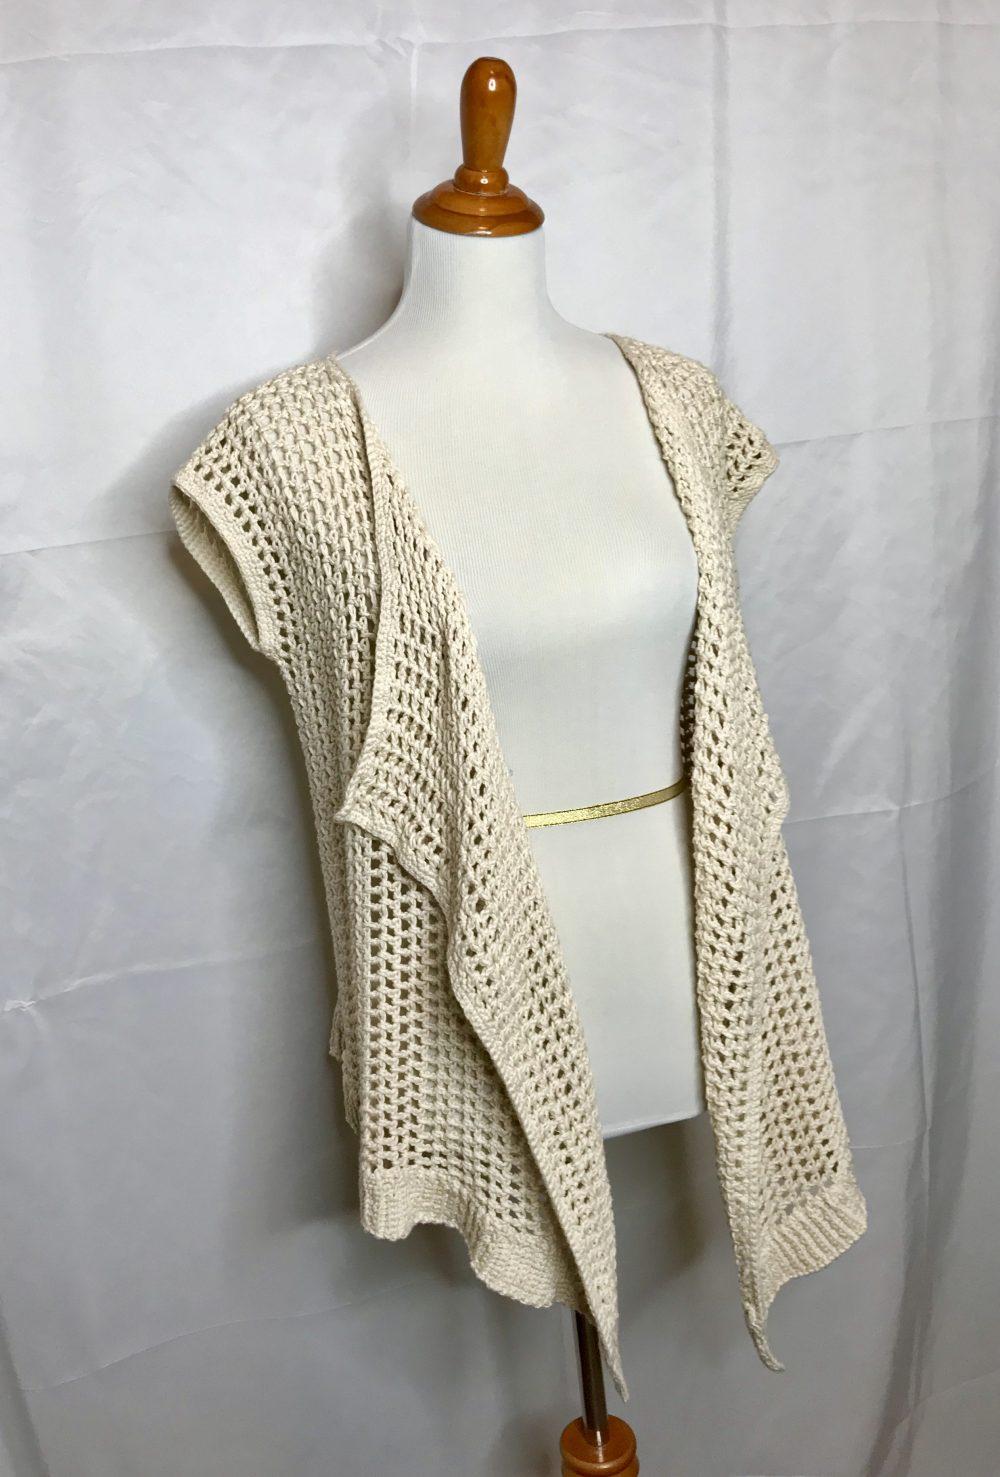 Breezy Summer Vest Crochet Pattern By Little Monkeys Designs